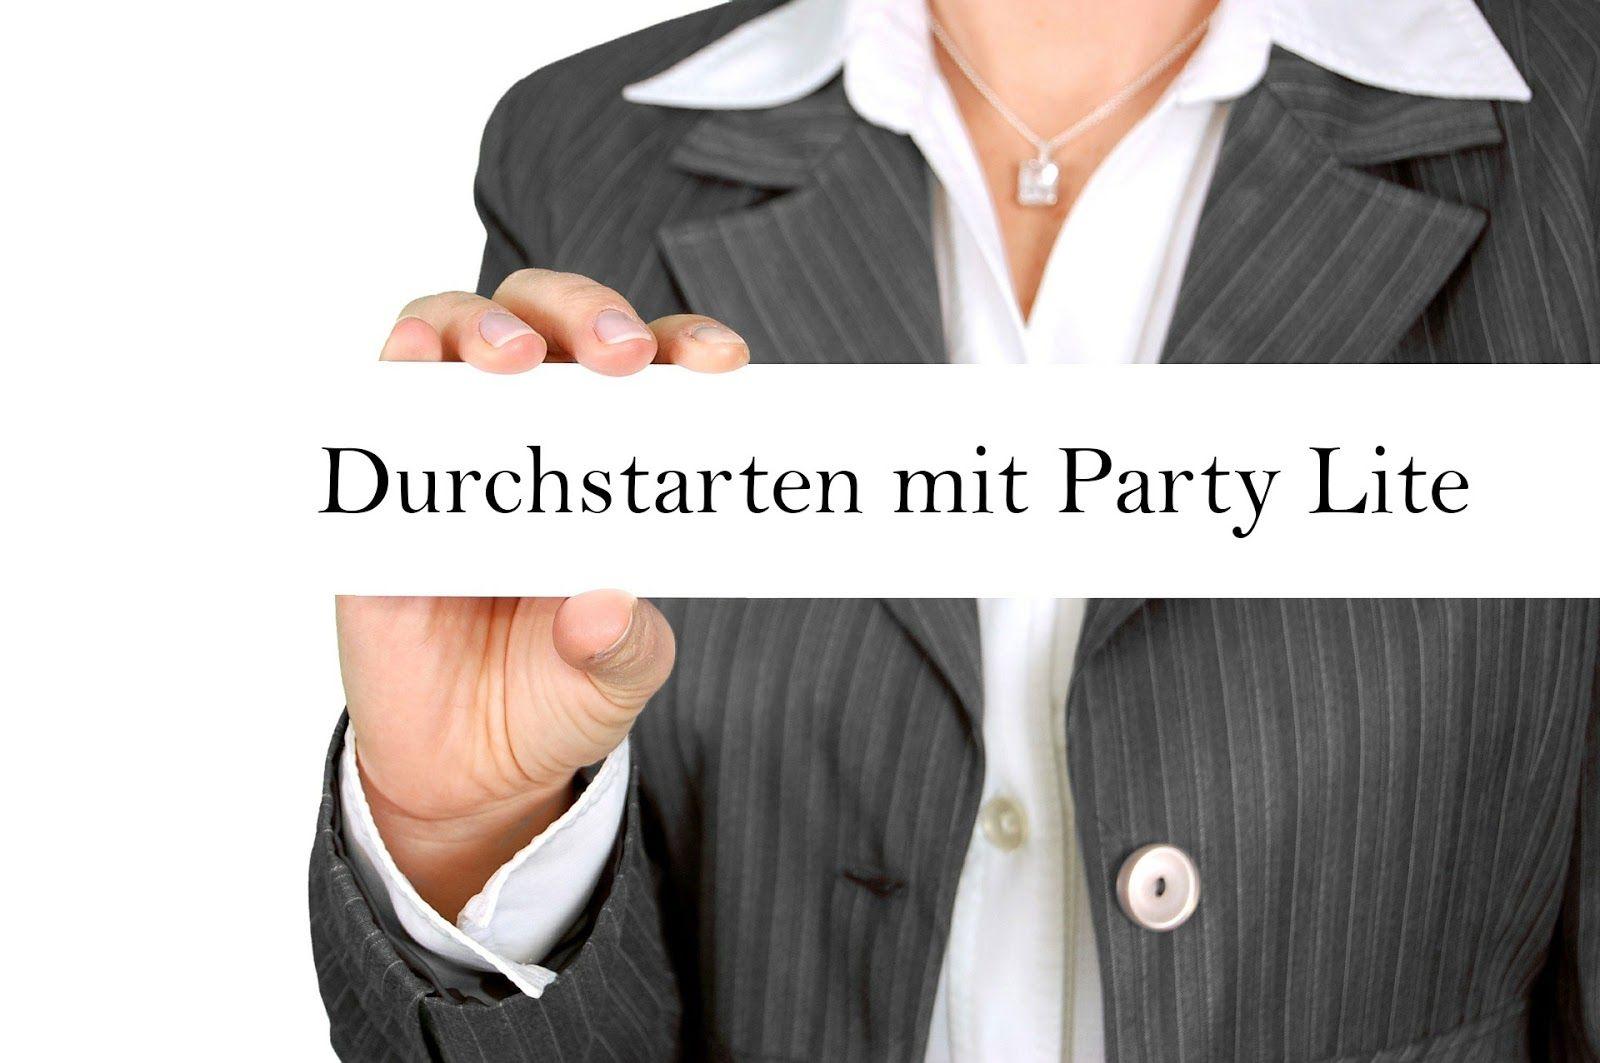 Ihr würdet selbst gern Berater(in) bei PartyLite werden und sucht nach ein paar Infos zum Thema? Hier findet ihr das Wichtigste im Überblick!